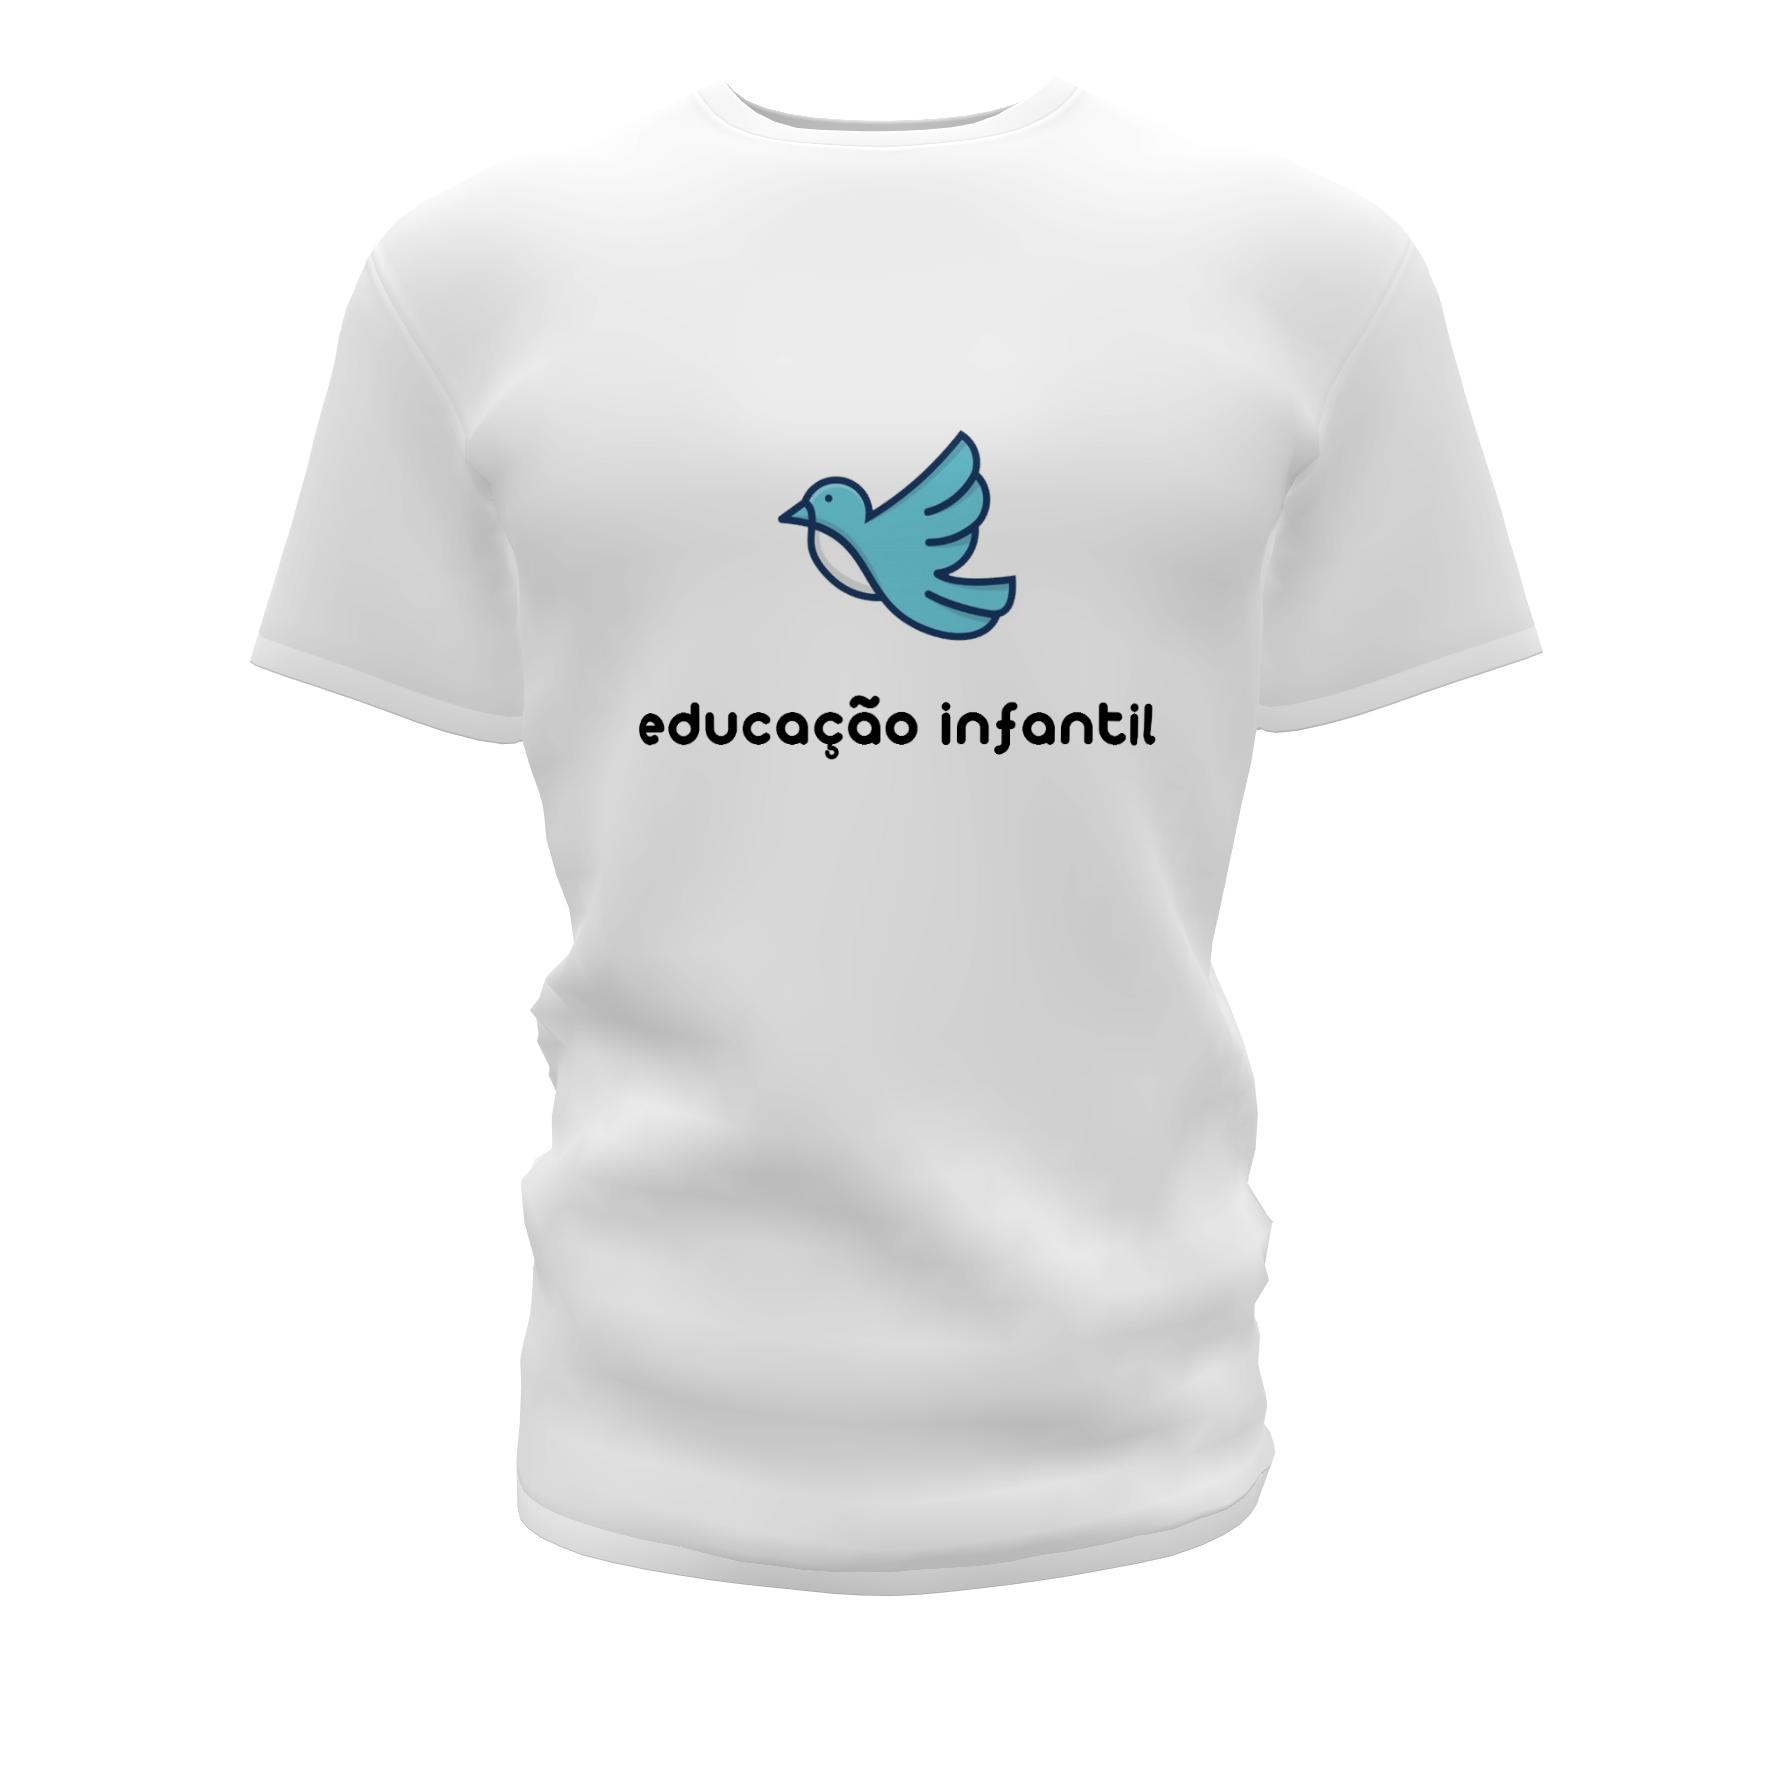 Camisetas Personalizadas Educação Infantil